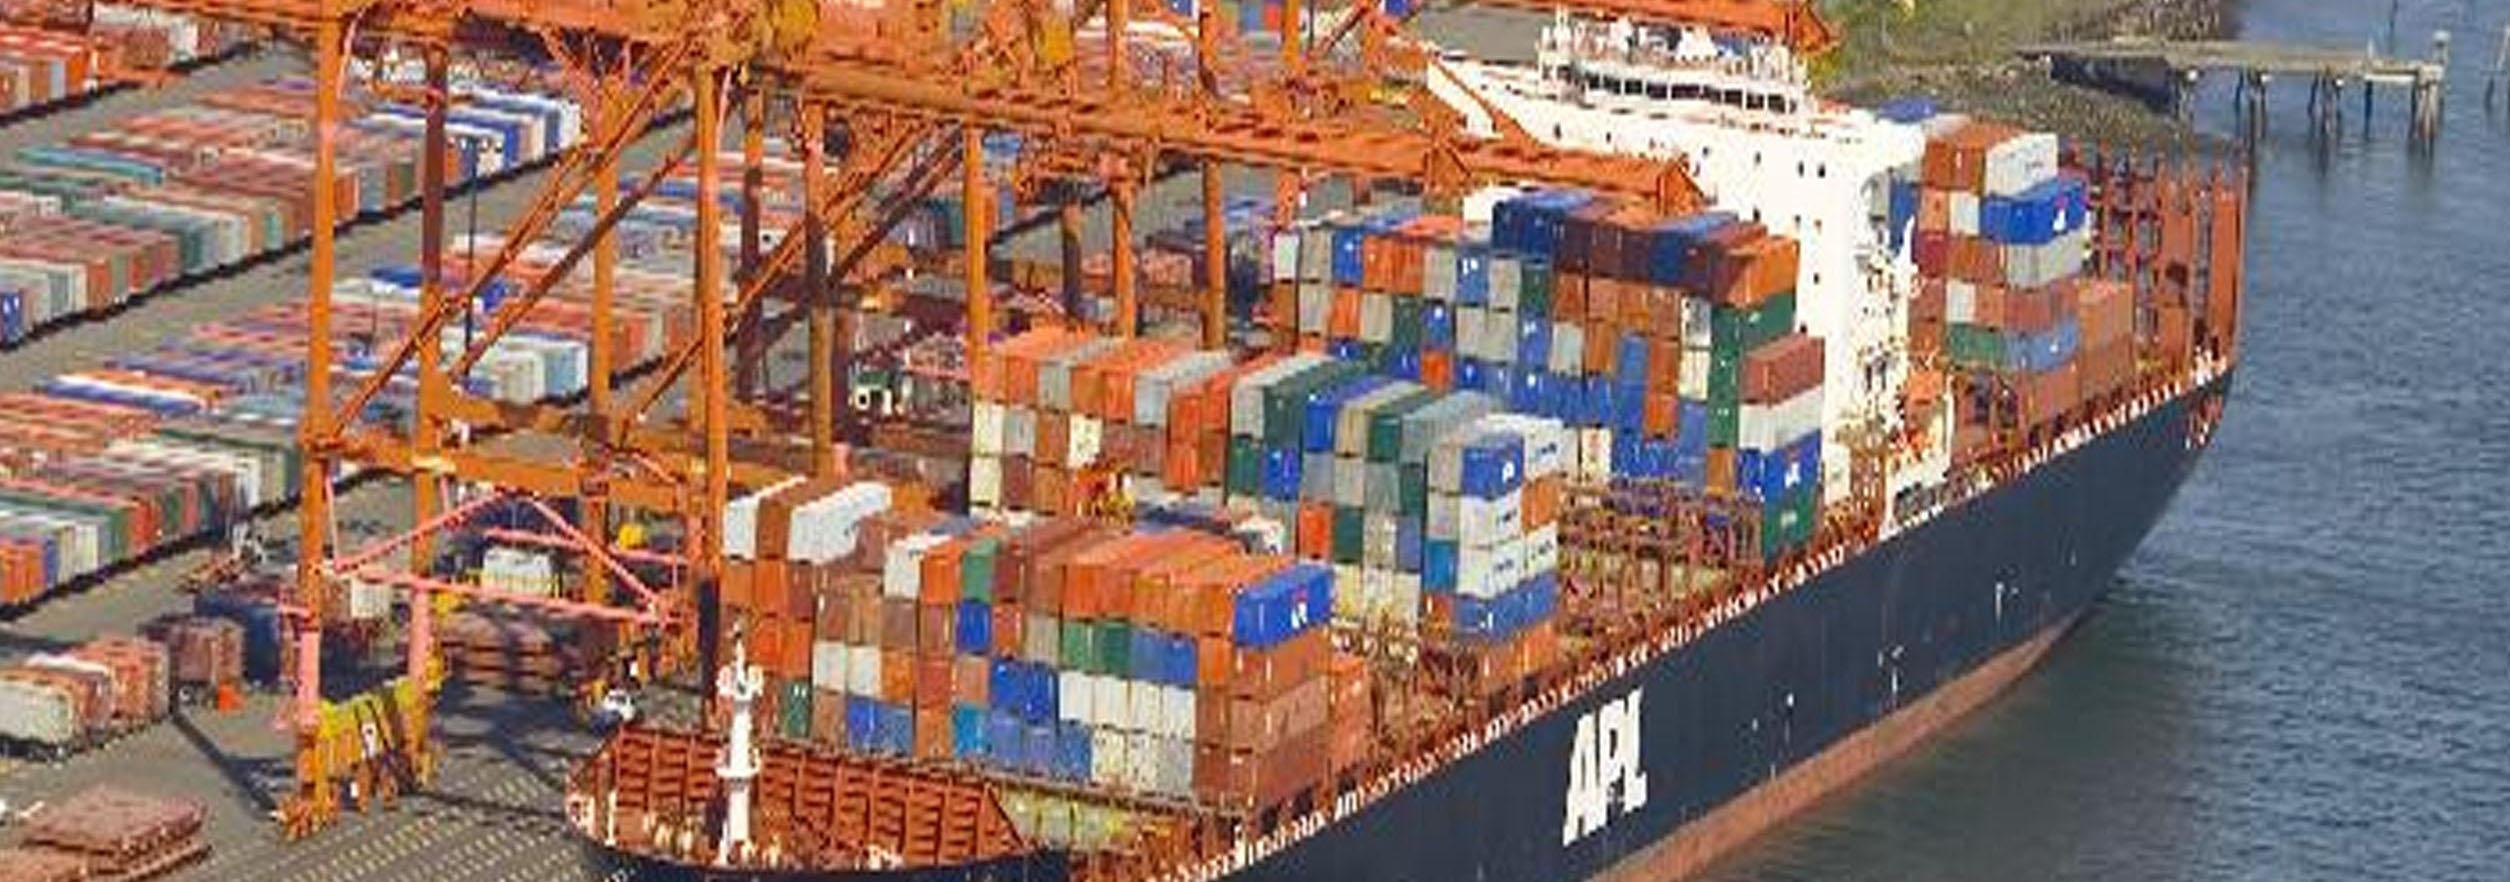 کمیسیون واردات اتاق ایران خواستار لغو موانع غیر تعرفه ای شد